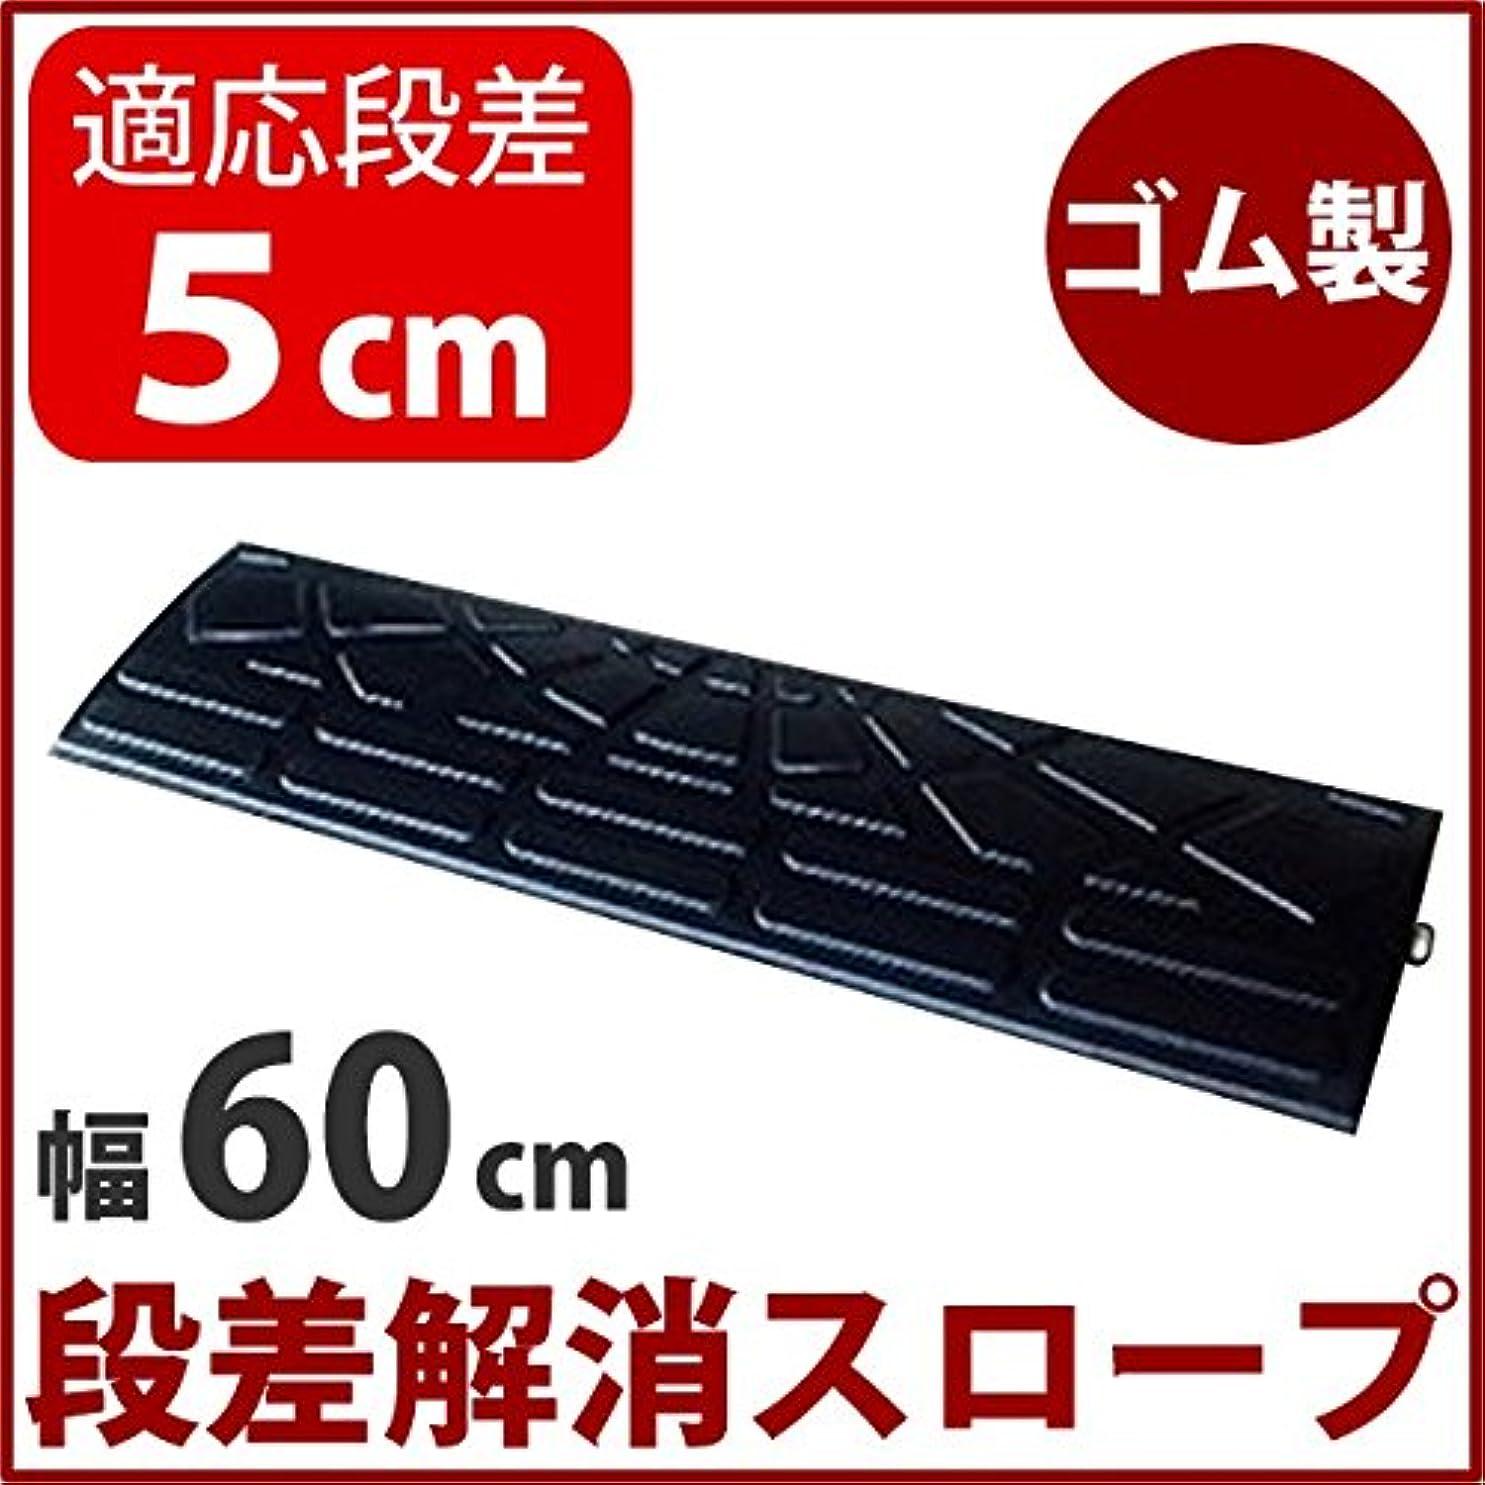 バウンス明らかに建築【4個セット】段差スロープ 幅60cm(ゴム製 高さ5cm用)/段差プレート/段差解消スロープ 駐車場の段差ステップに dS-1633420